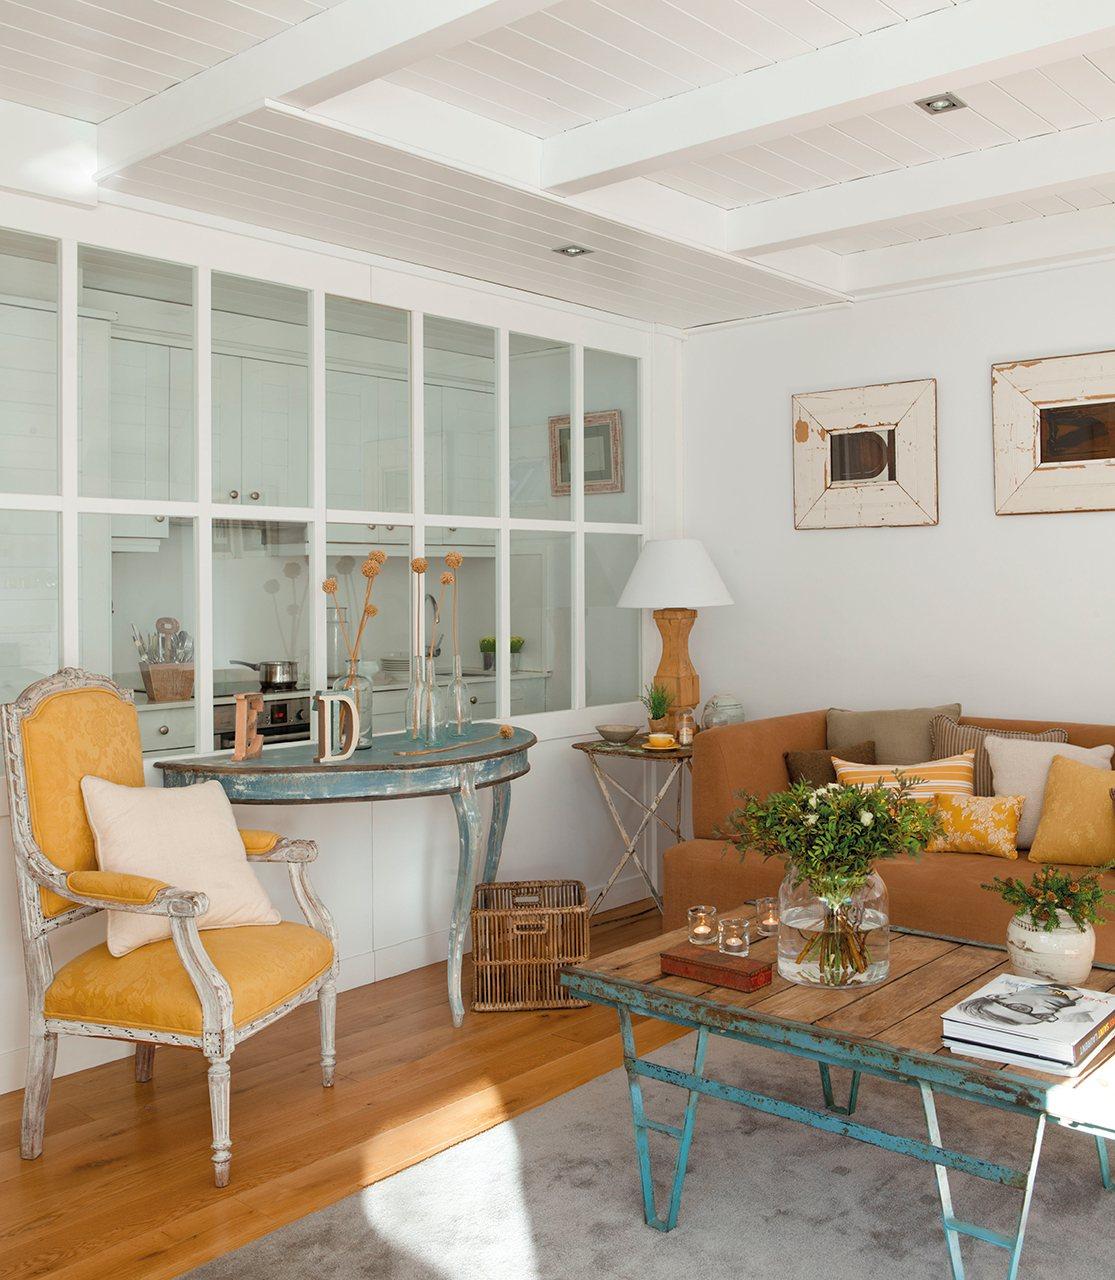 Una casa pensada al mil metro for Casas decorativas interiores